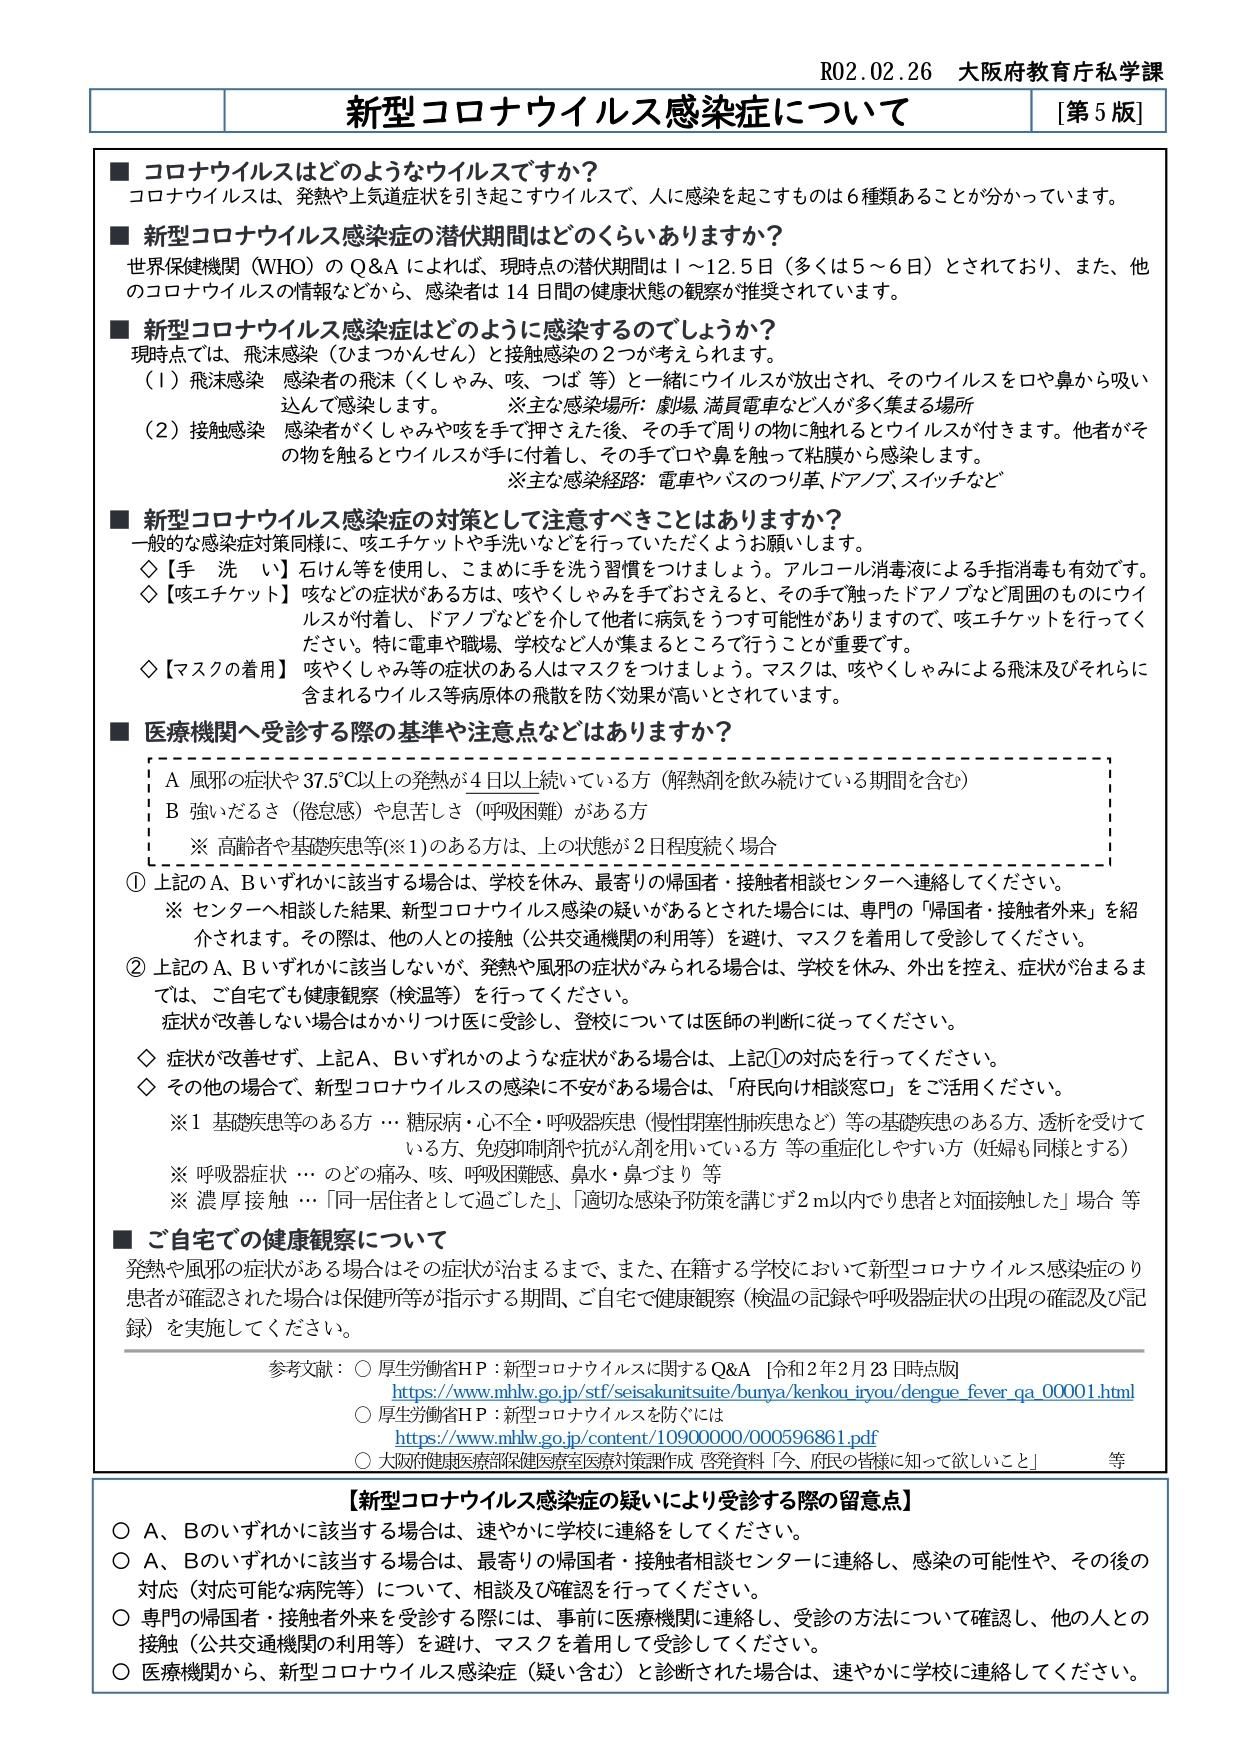 府 コロナ ウイルス 大阪